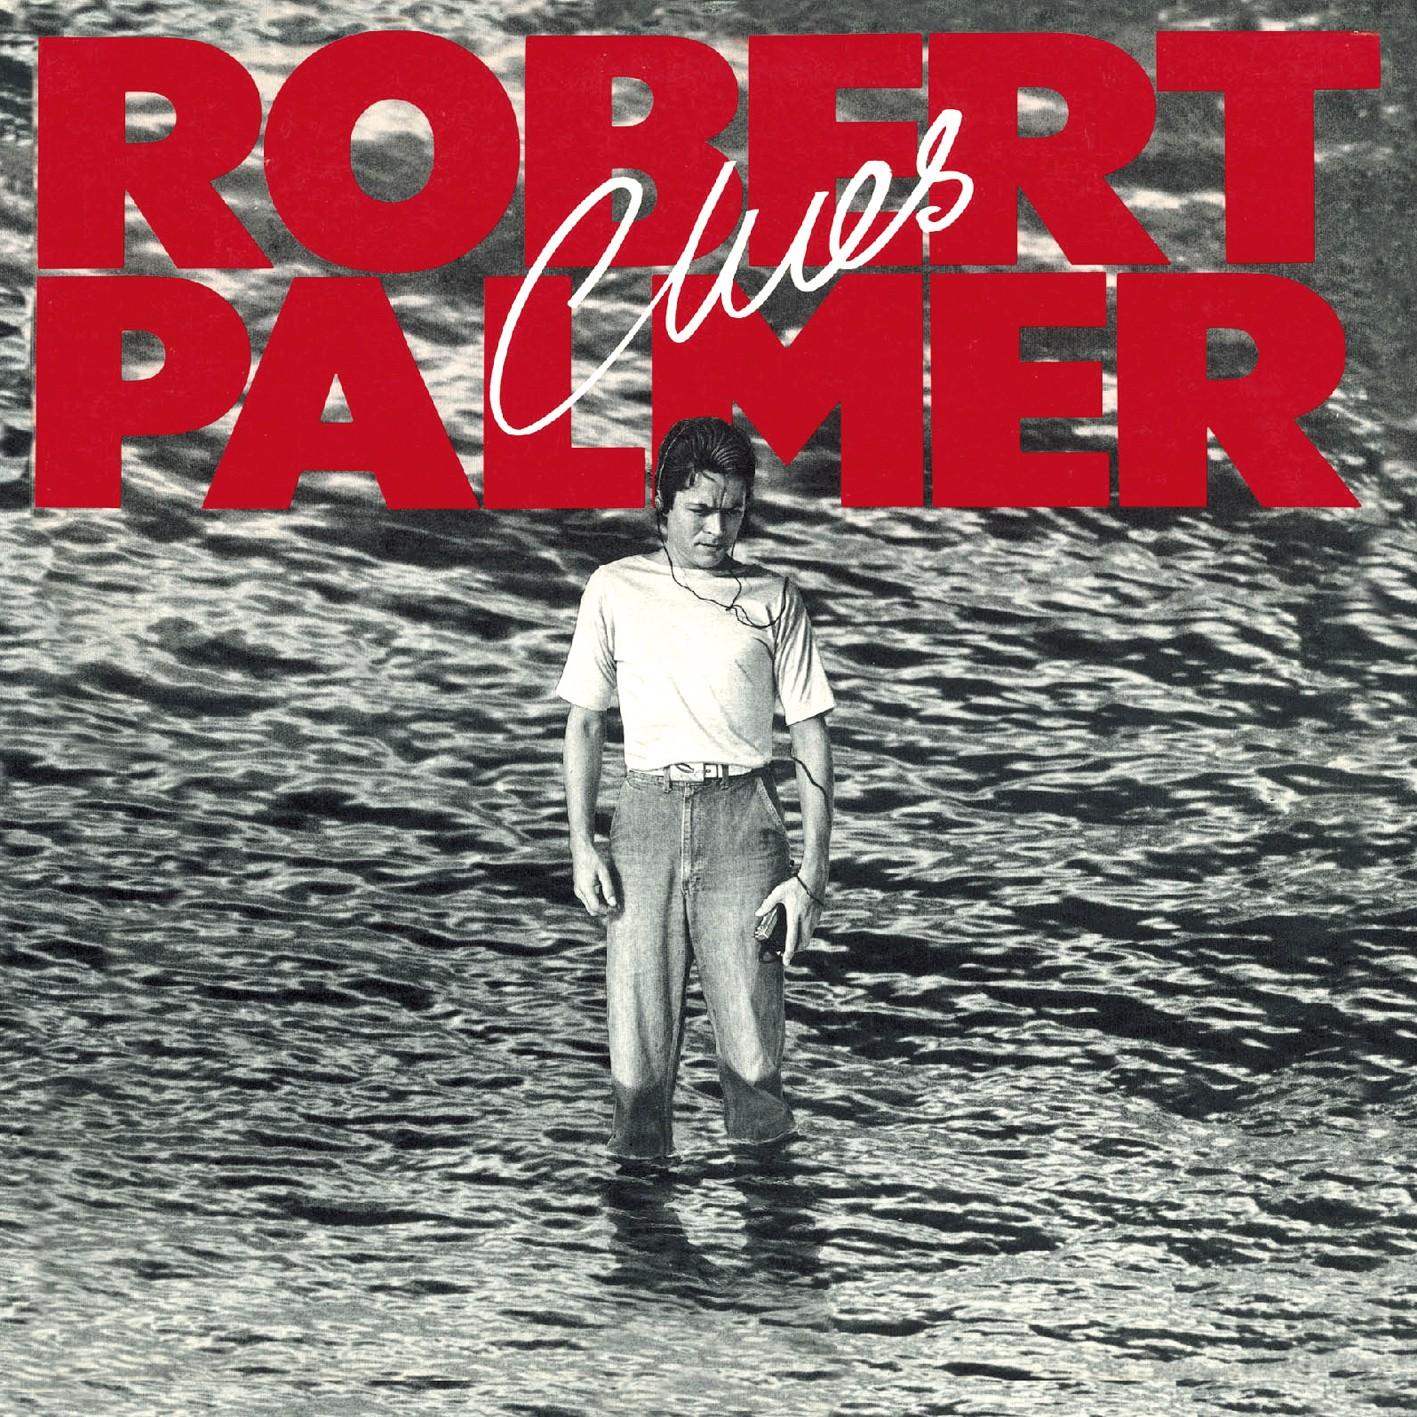 Palmer, Robert Clues